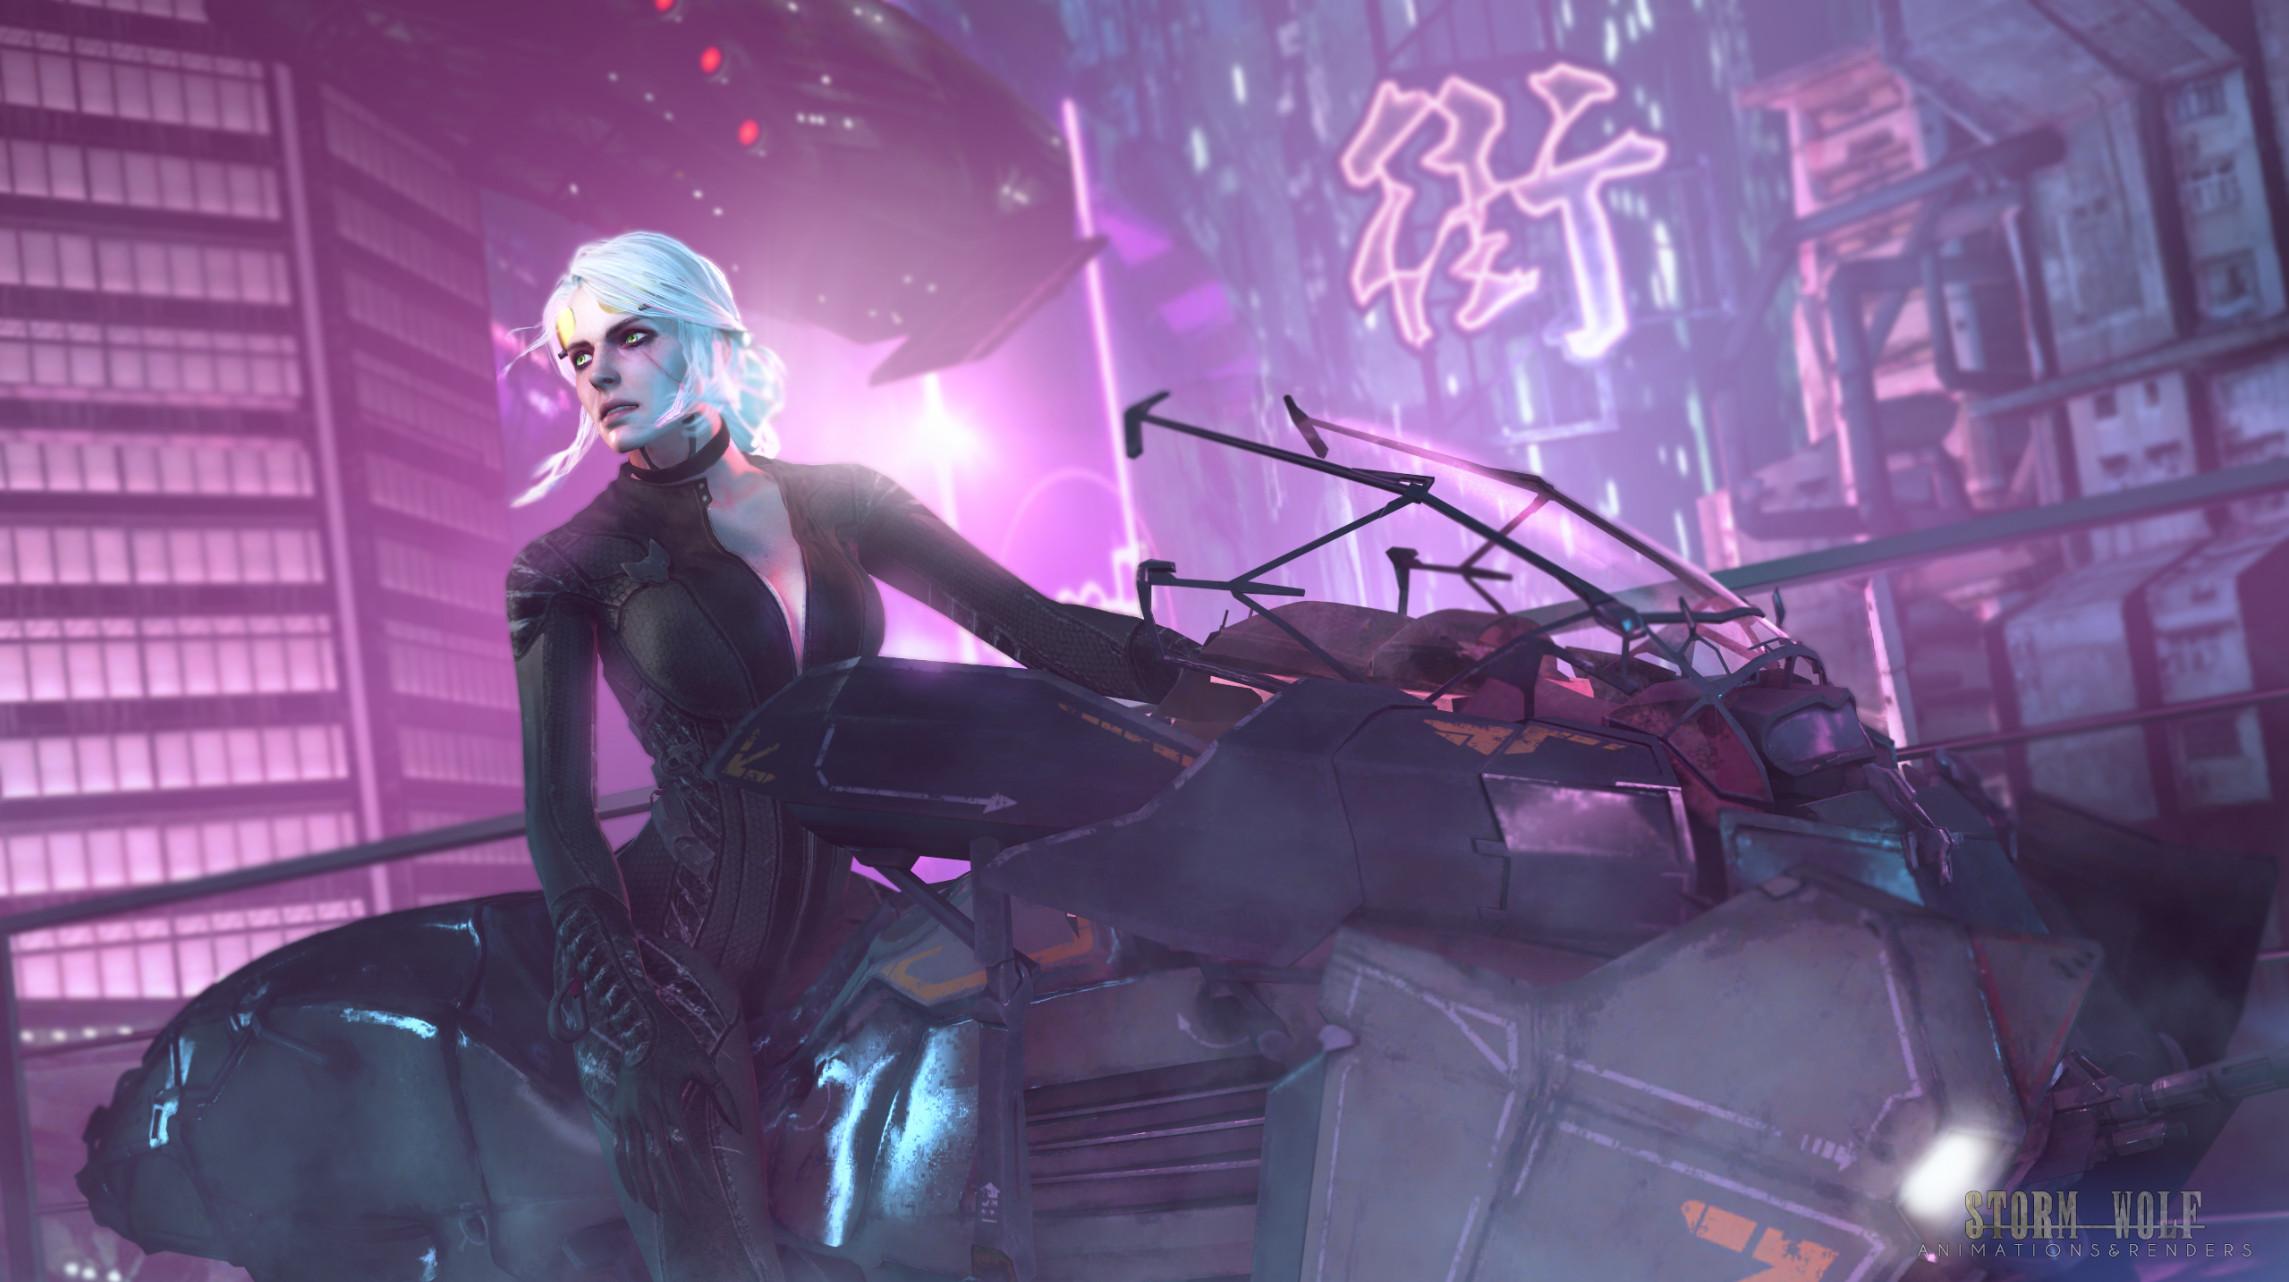 《赛博朋克2077》主机版受到头等待遇 游戏画面惊人